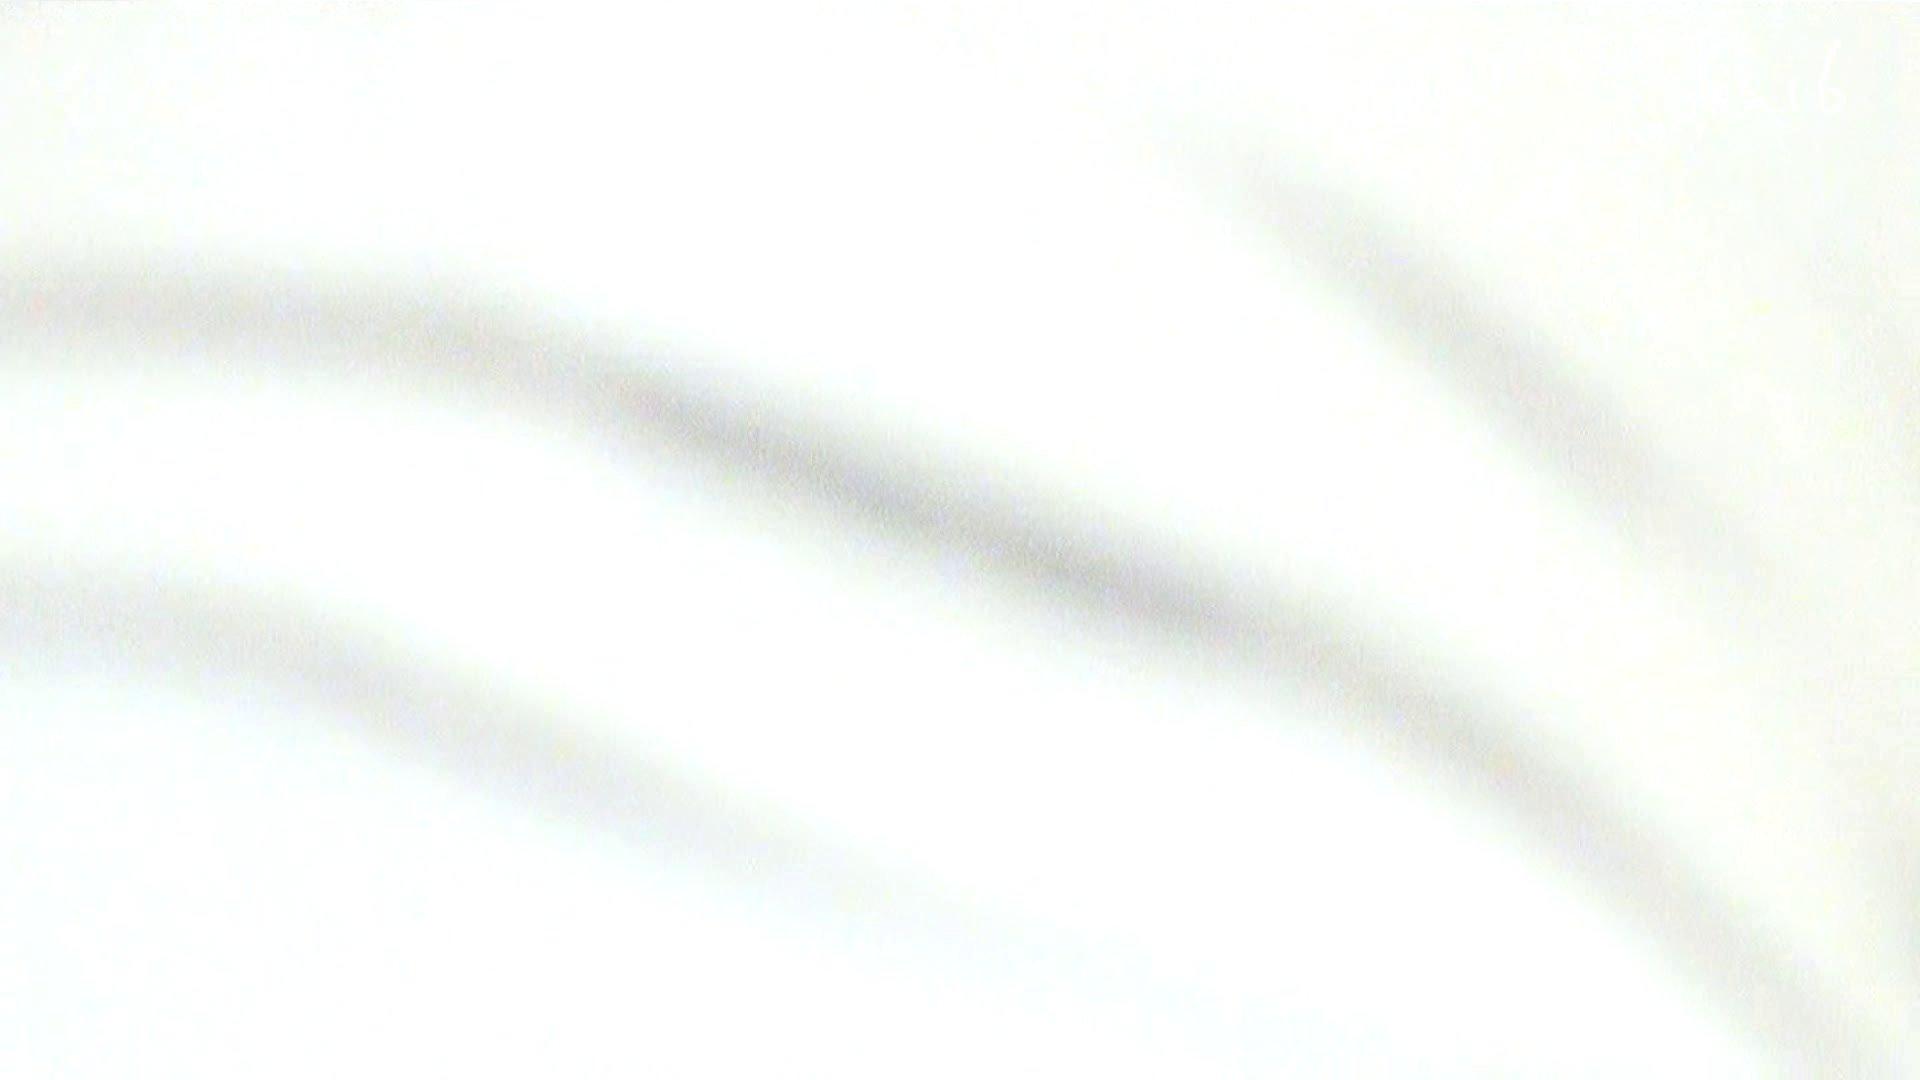 至高下半身盗撮-PREMIUM-【院内病棟編 】VOL6 リベンジもの | 盗撮編  86枚 79